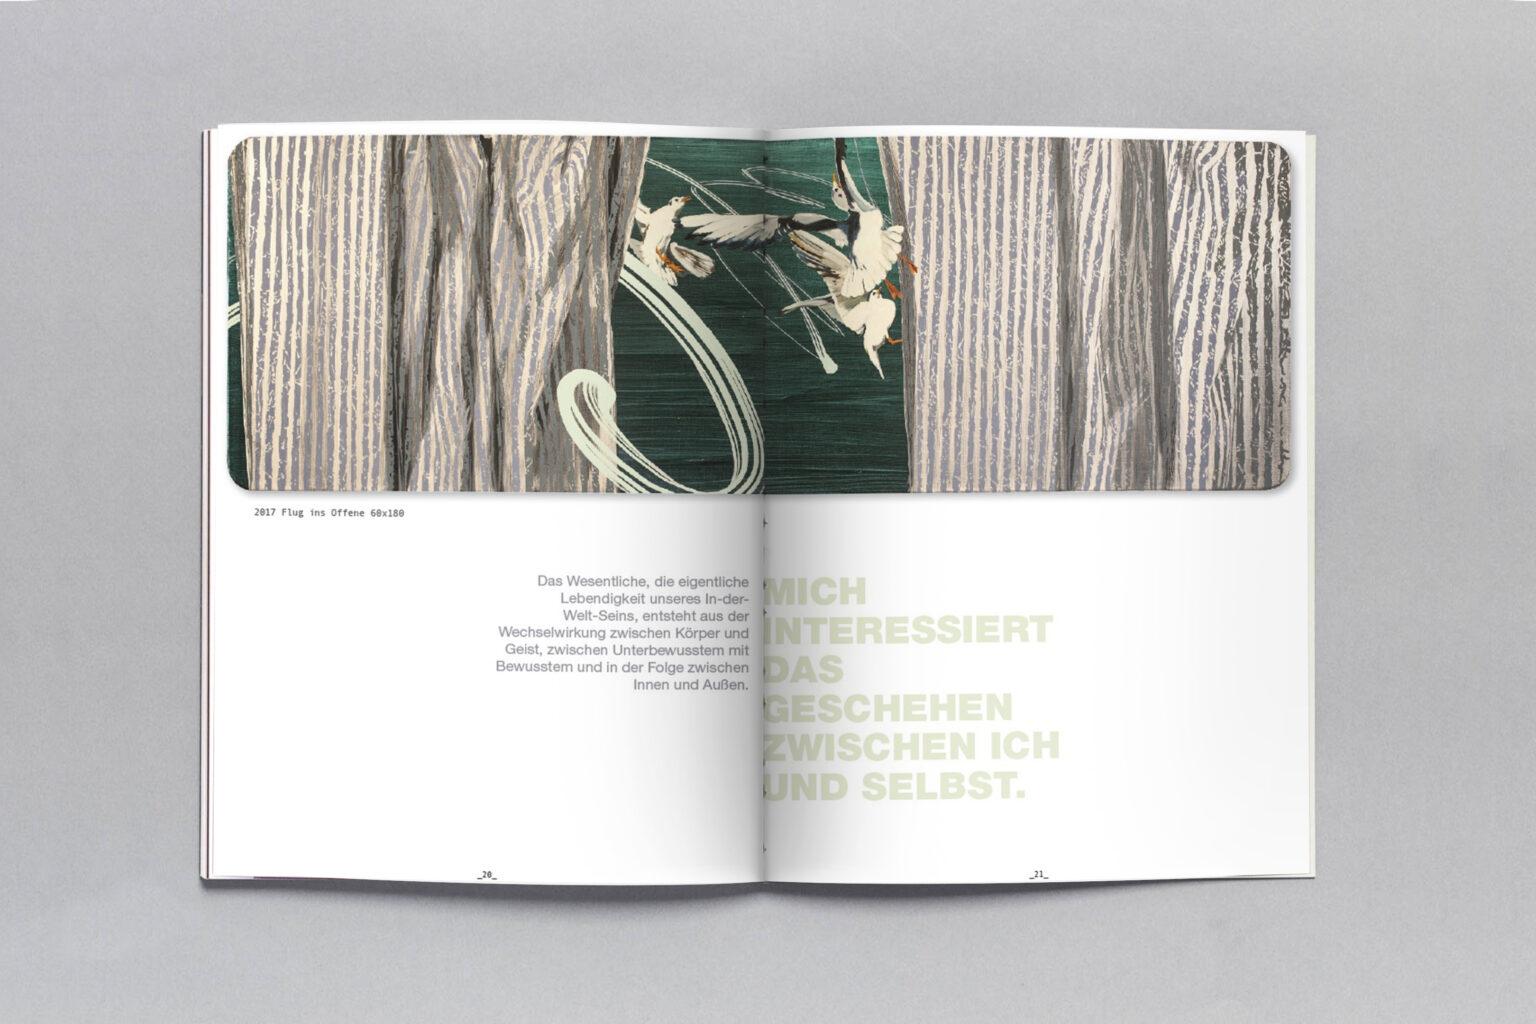 Buch-doppelseite2